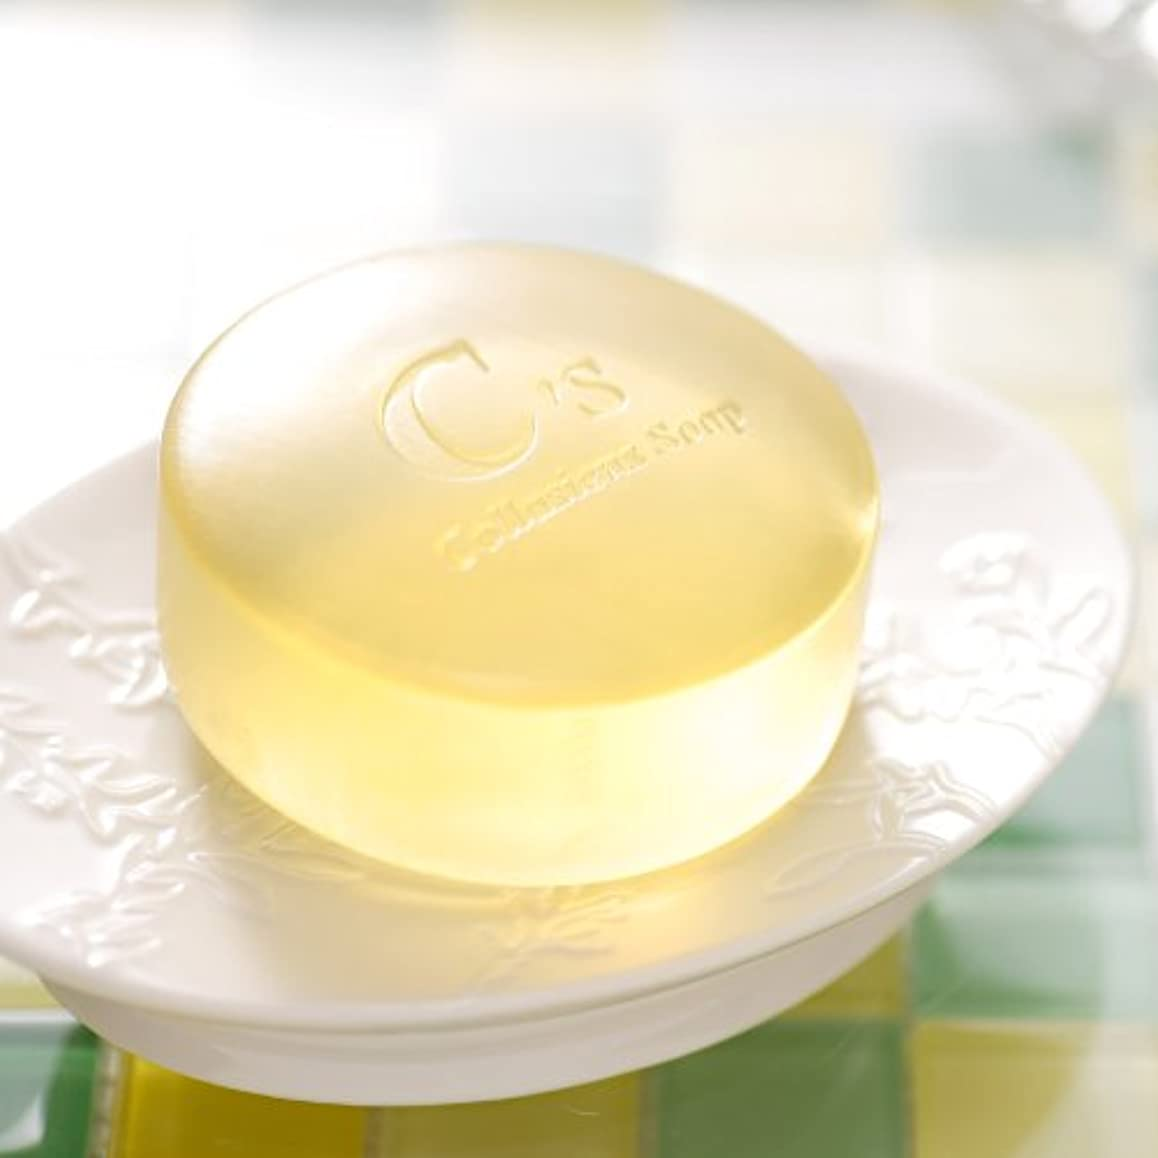 チャンス人形欠かせない肌理石鹸(きめせっけん)☆90日間熟成させた手作りソープ